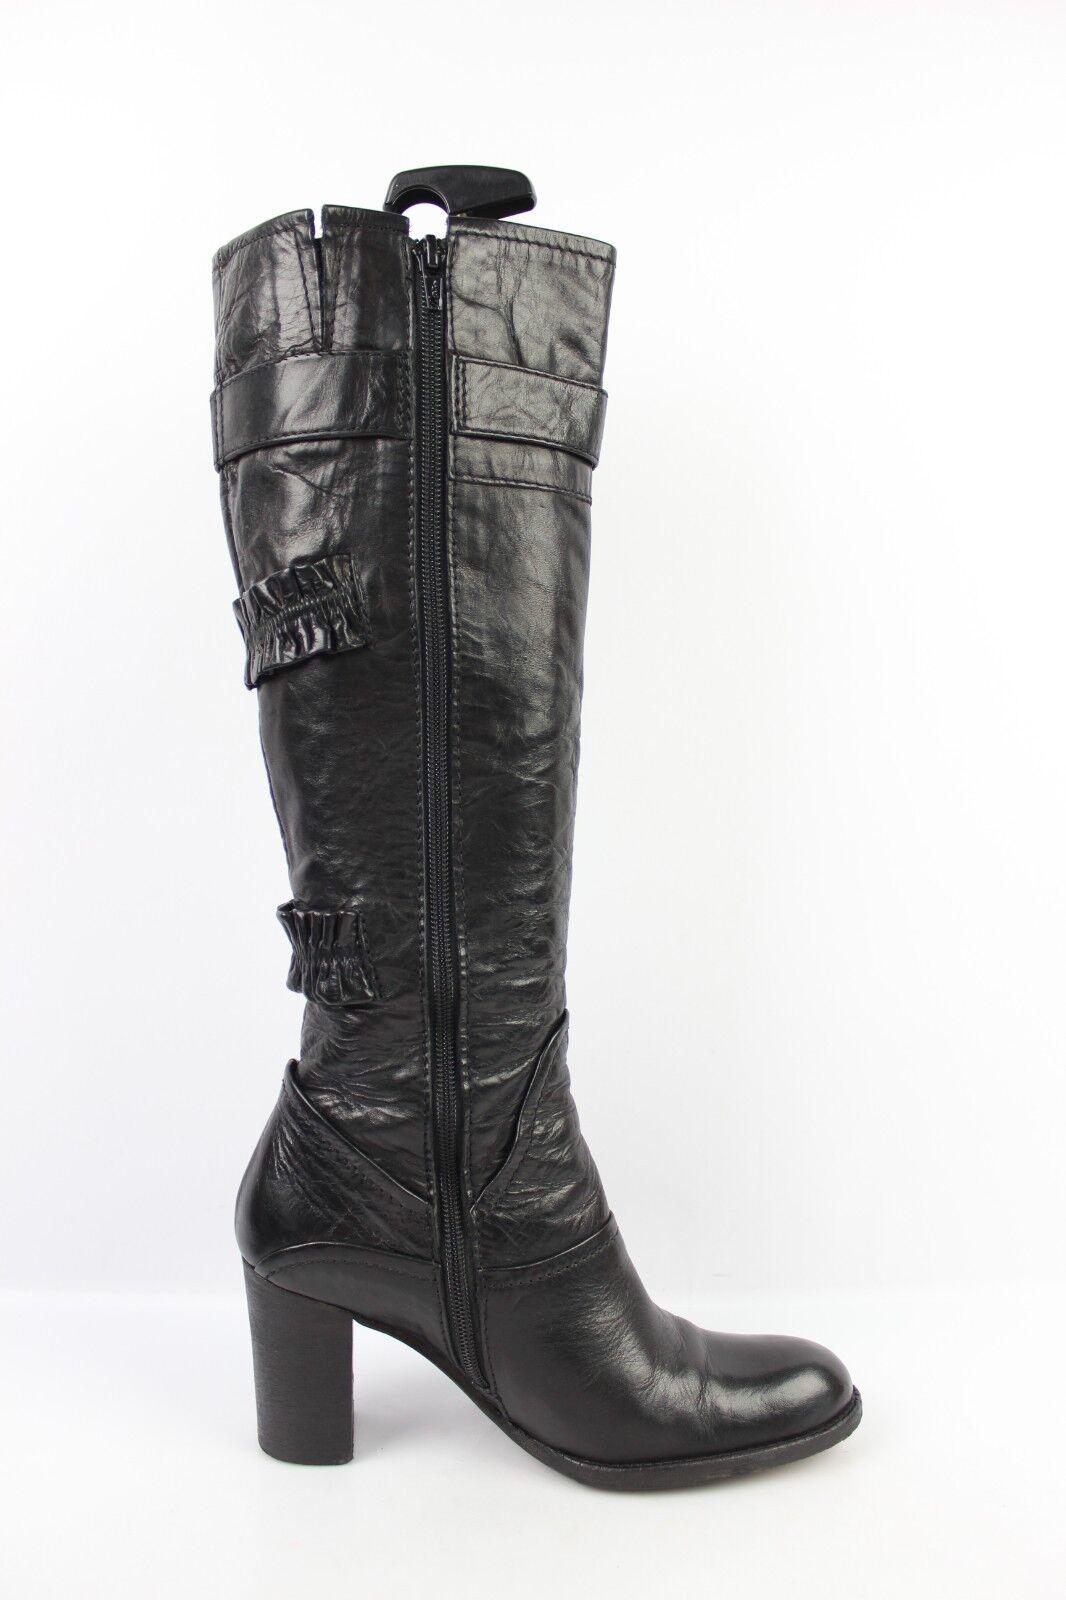 Stiefel REGARD Vollleder schwarz schwarz schwarz t 37,5 sehr guter Zustand 10eccb